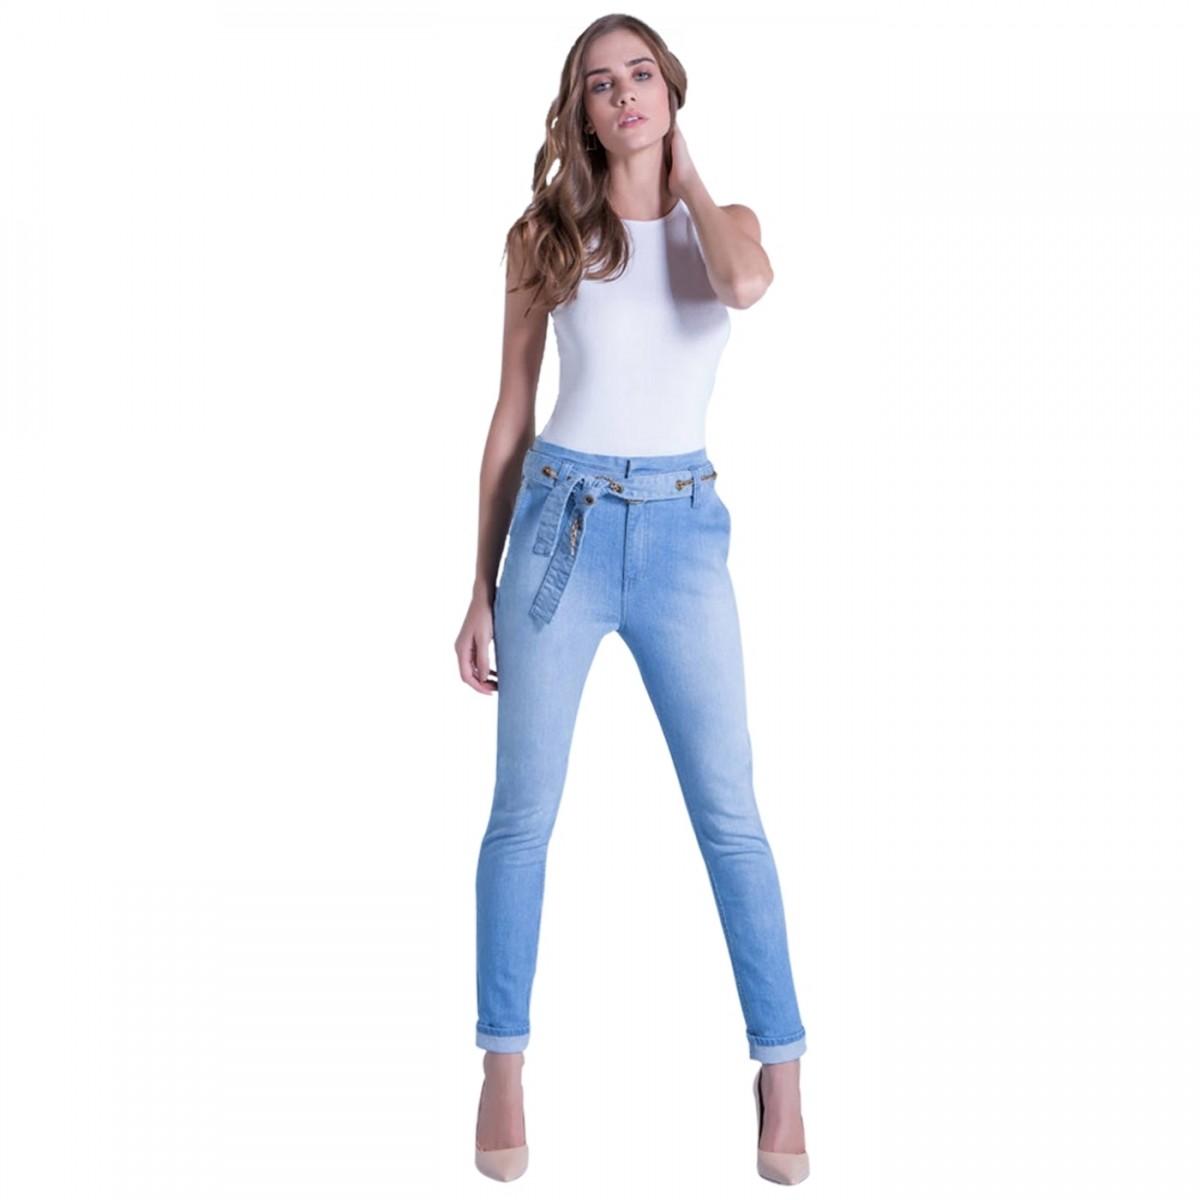 Imagem - Calça Jeans Ana Hickmann Clochard Low 21096 - 053284 89ac64dc82